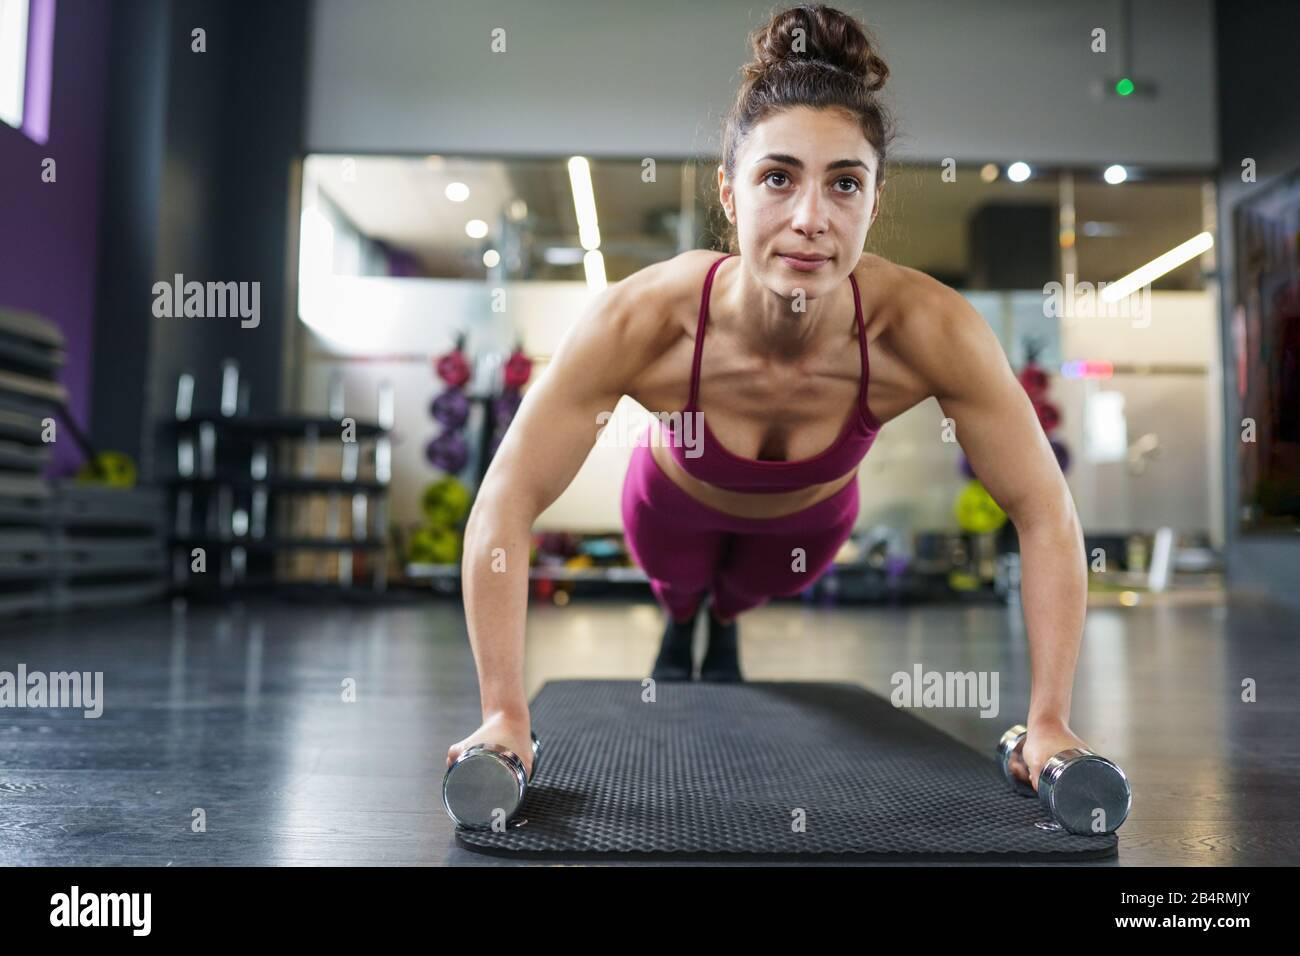 Woman doing push-ups exercice avec haltère dans un entraînement de fitness Banque D'Images